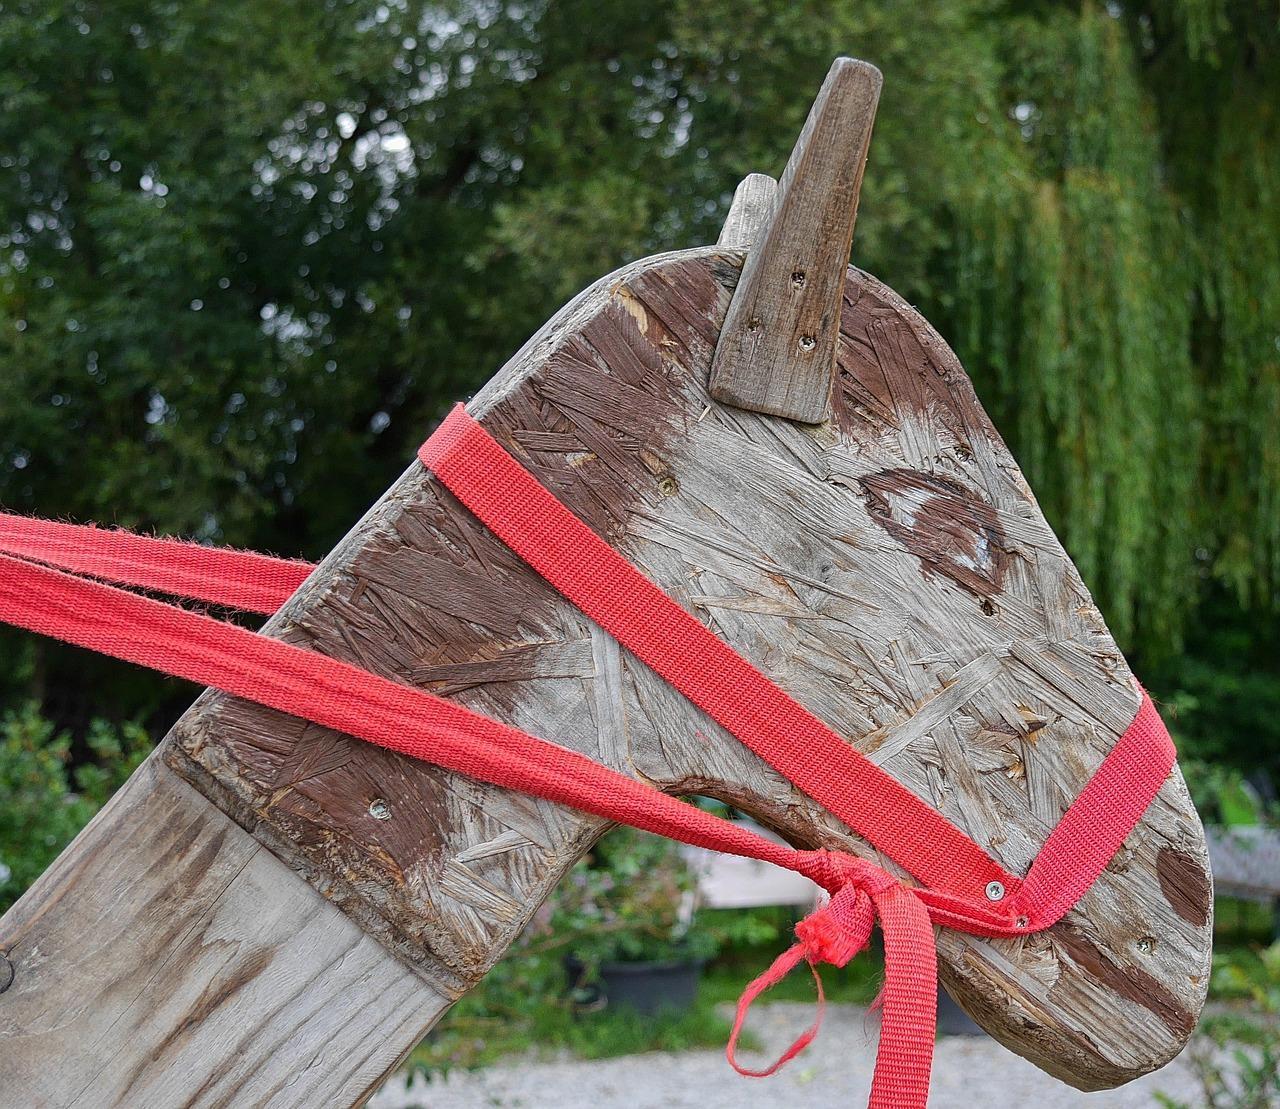 stick horse pixabay